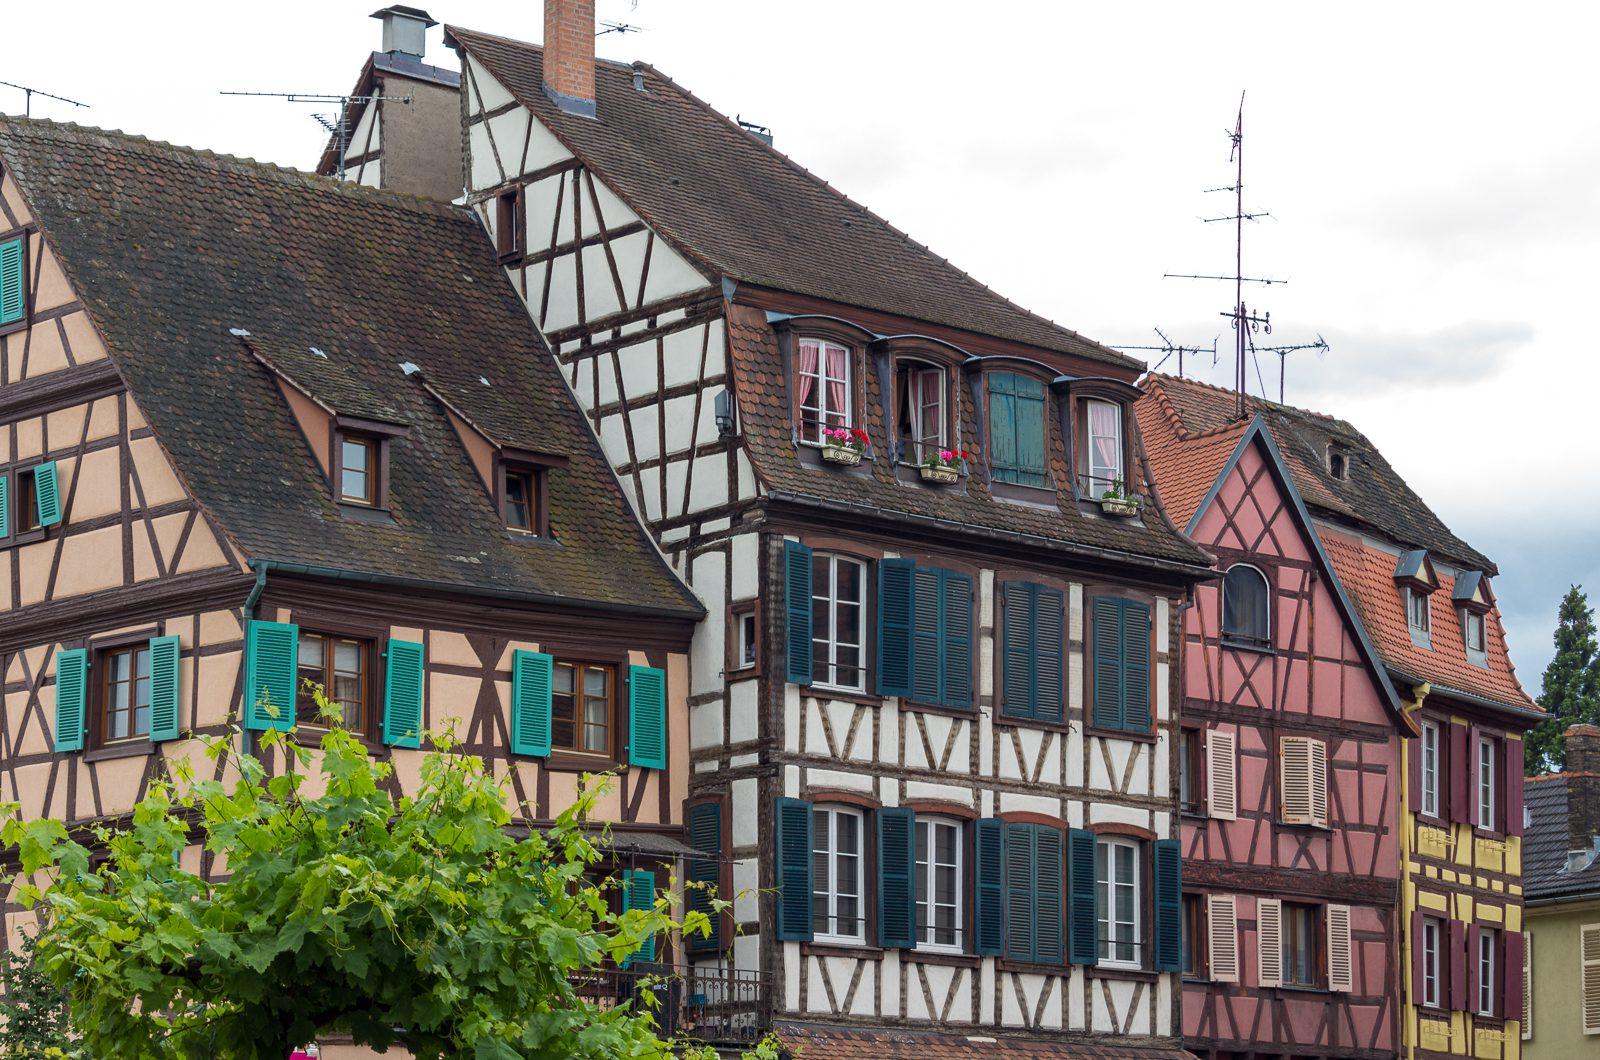 elsass_frankreich_colmar_vielweib_reiseblog-7118